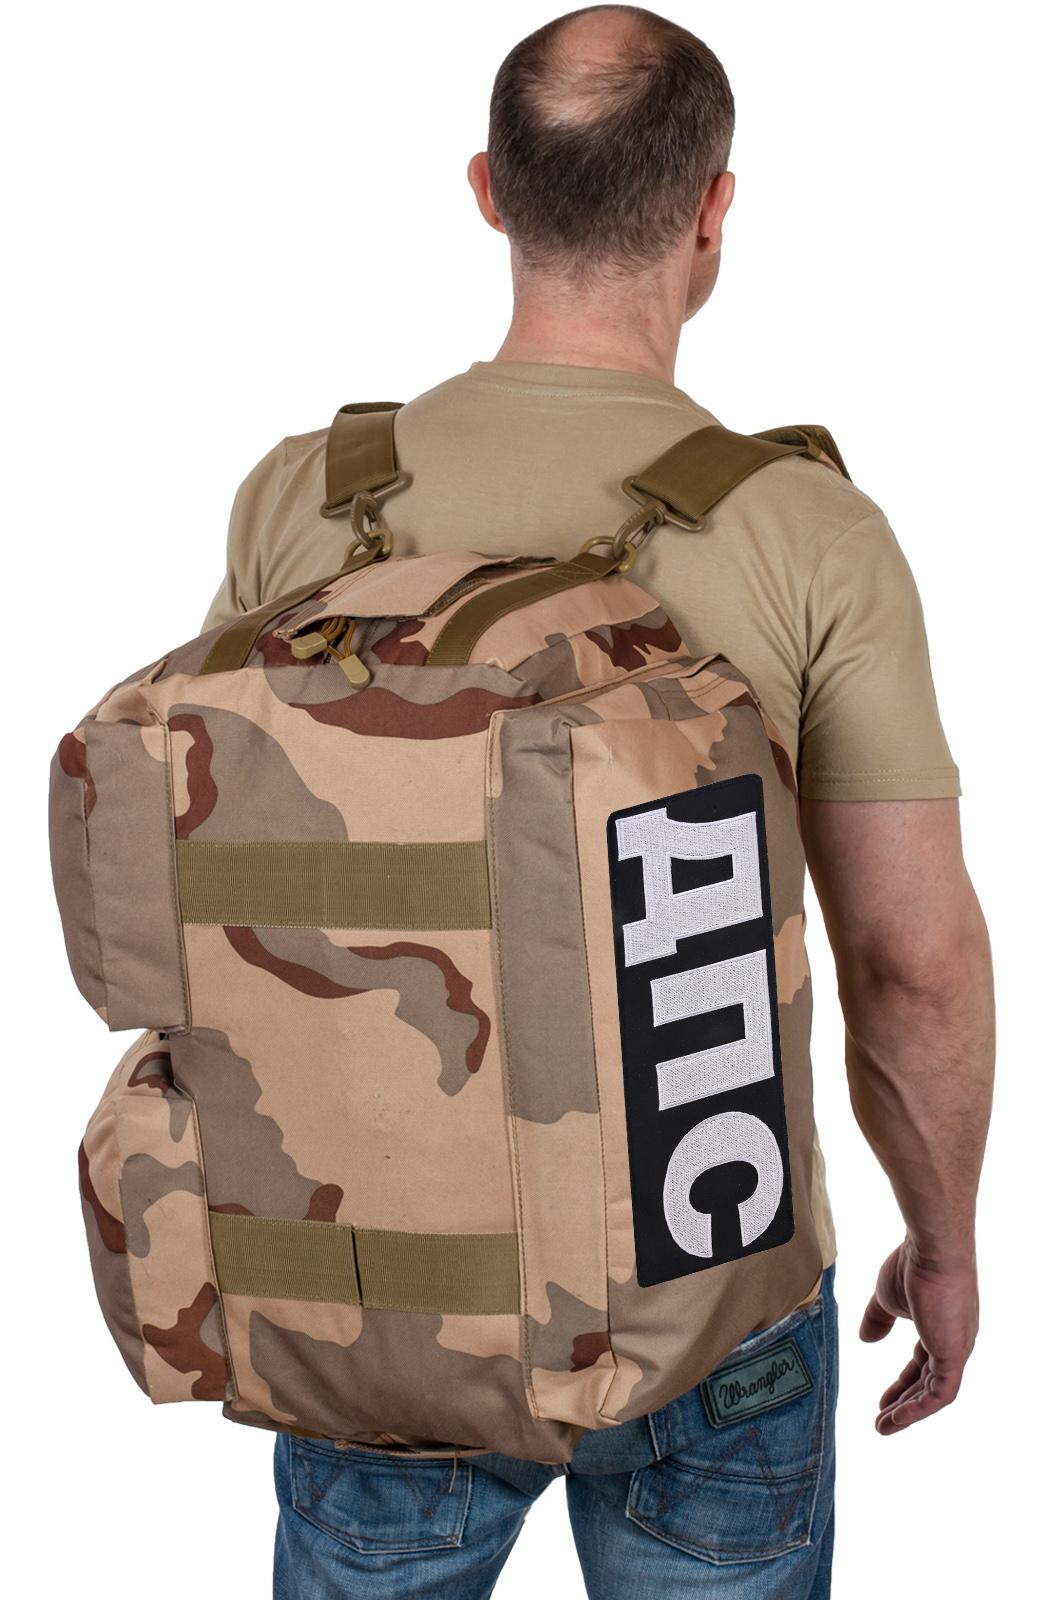 Купить камуфляжную дорожную сумку с нашивкой ДПС по выгодной цене